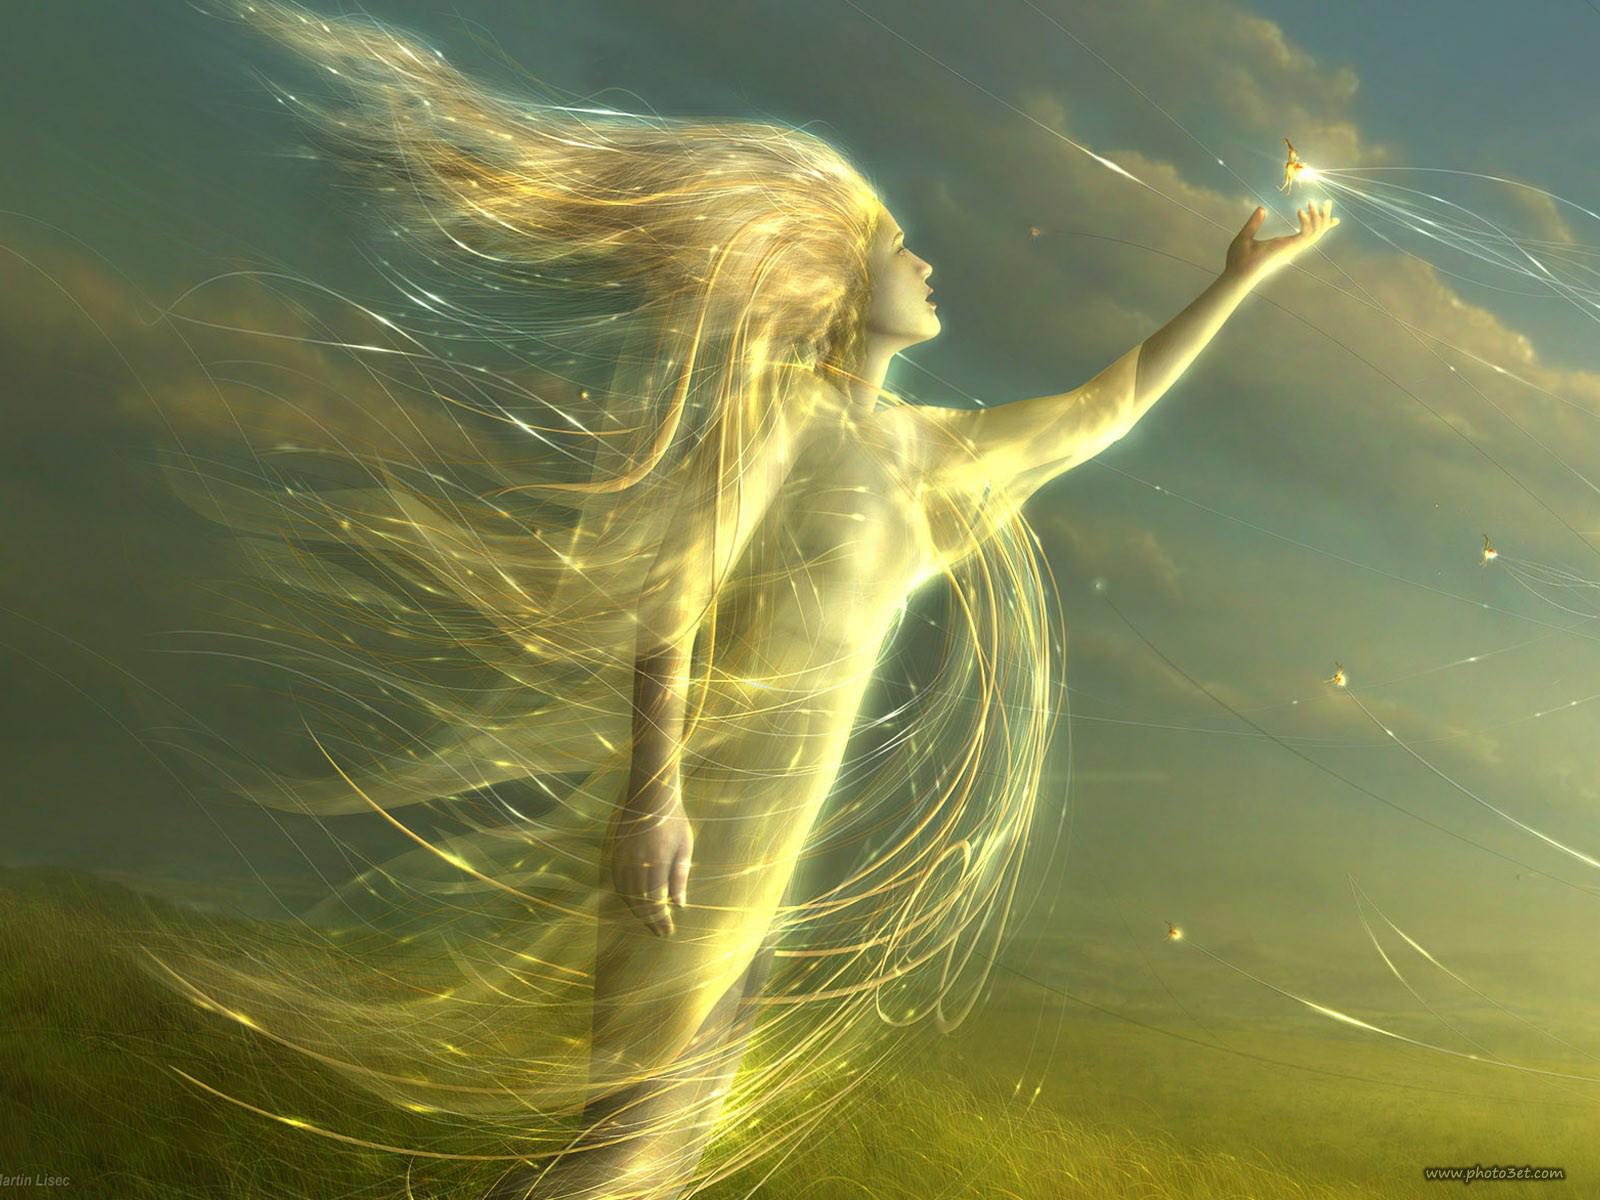 عکس دختر فانتزی رویایی و آسمانی فرشته